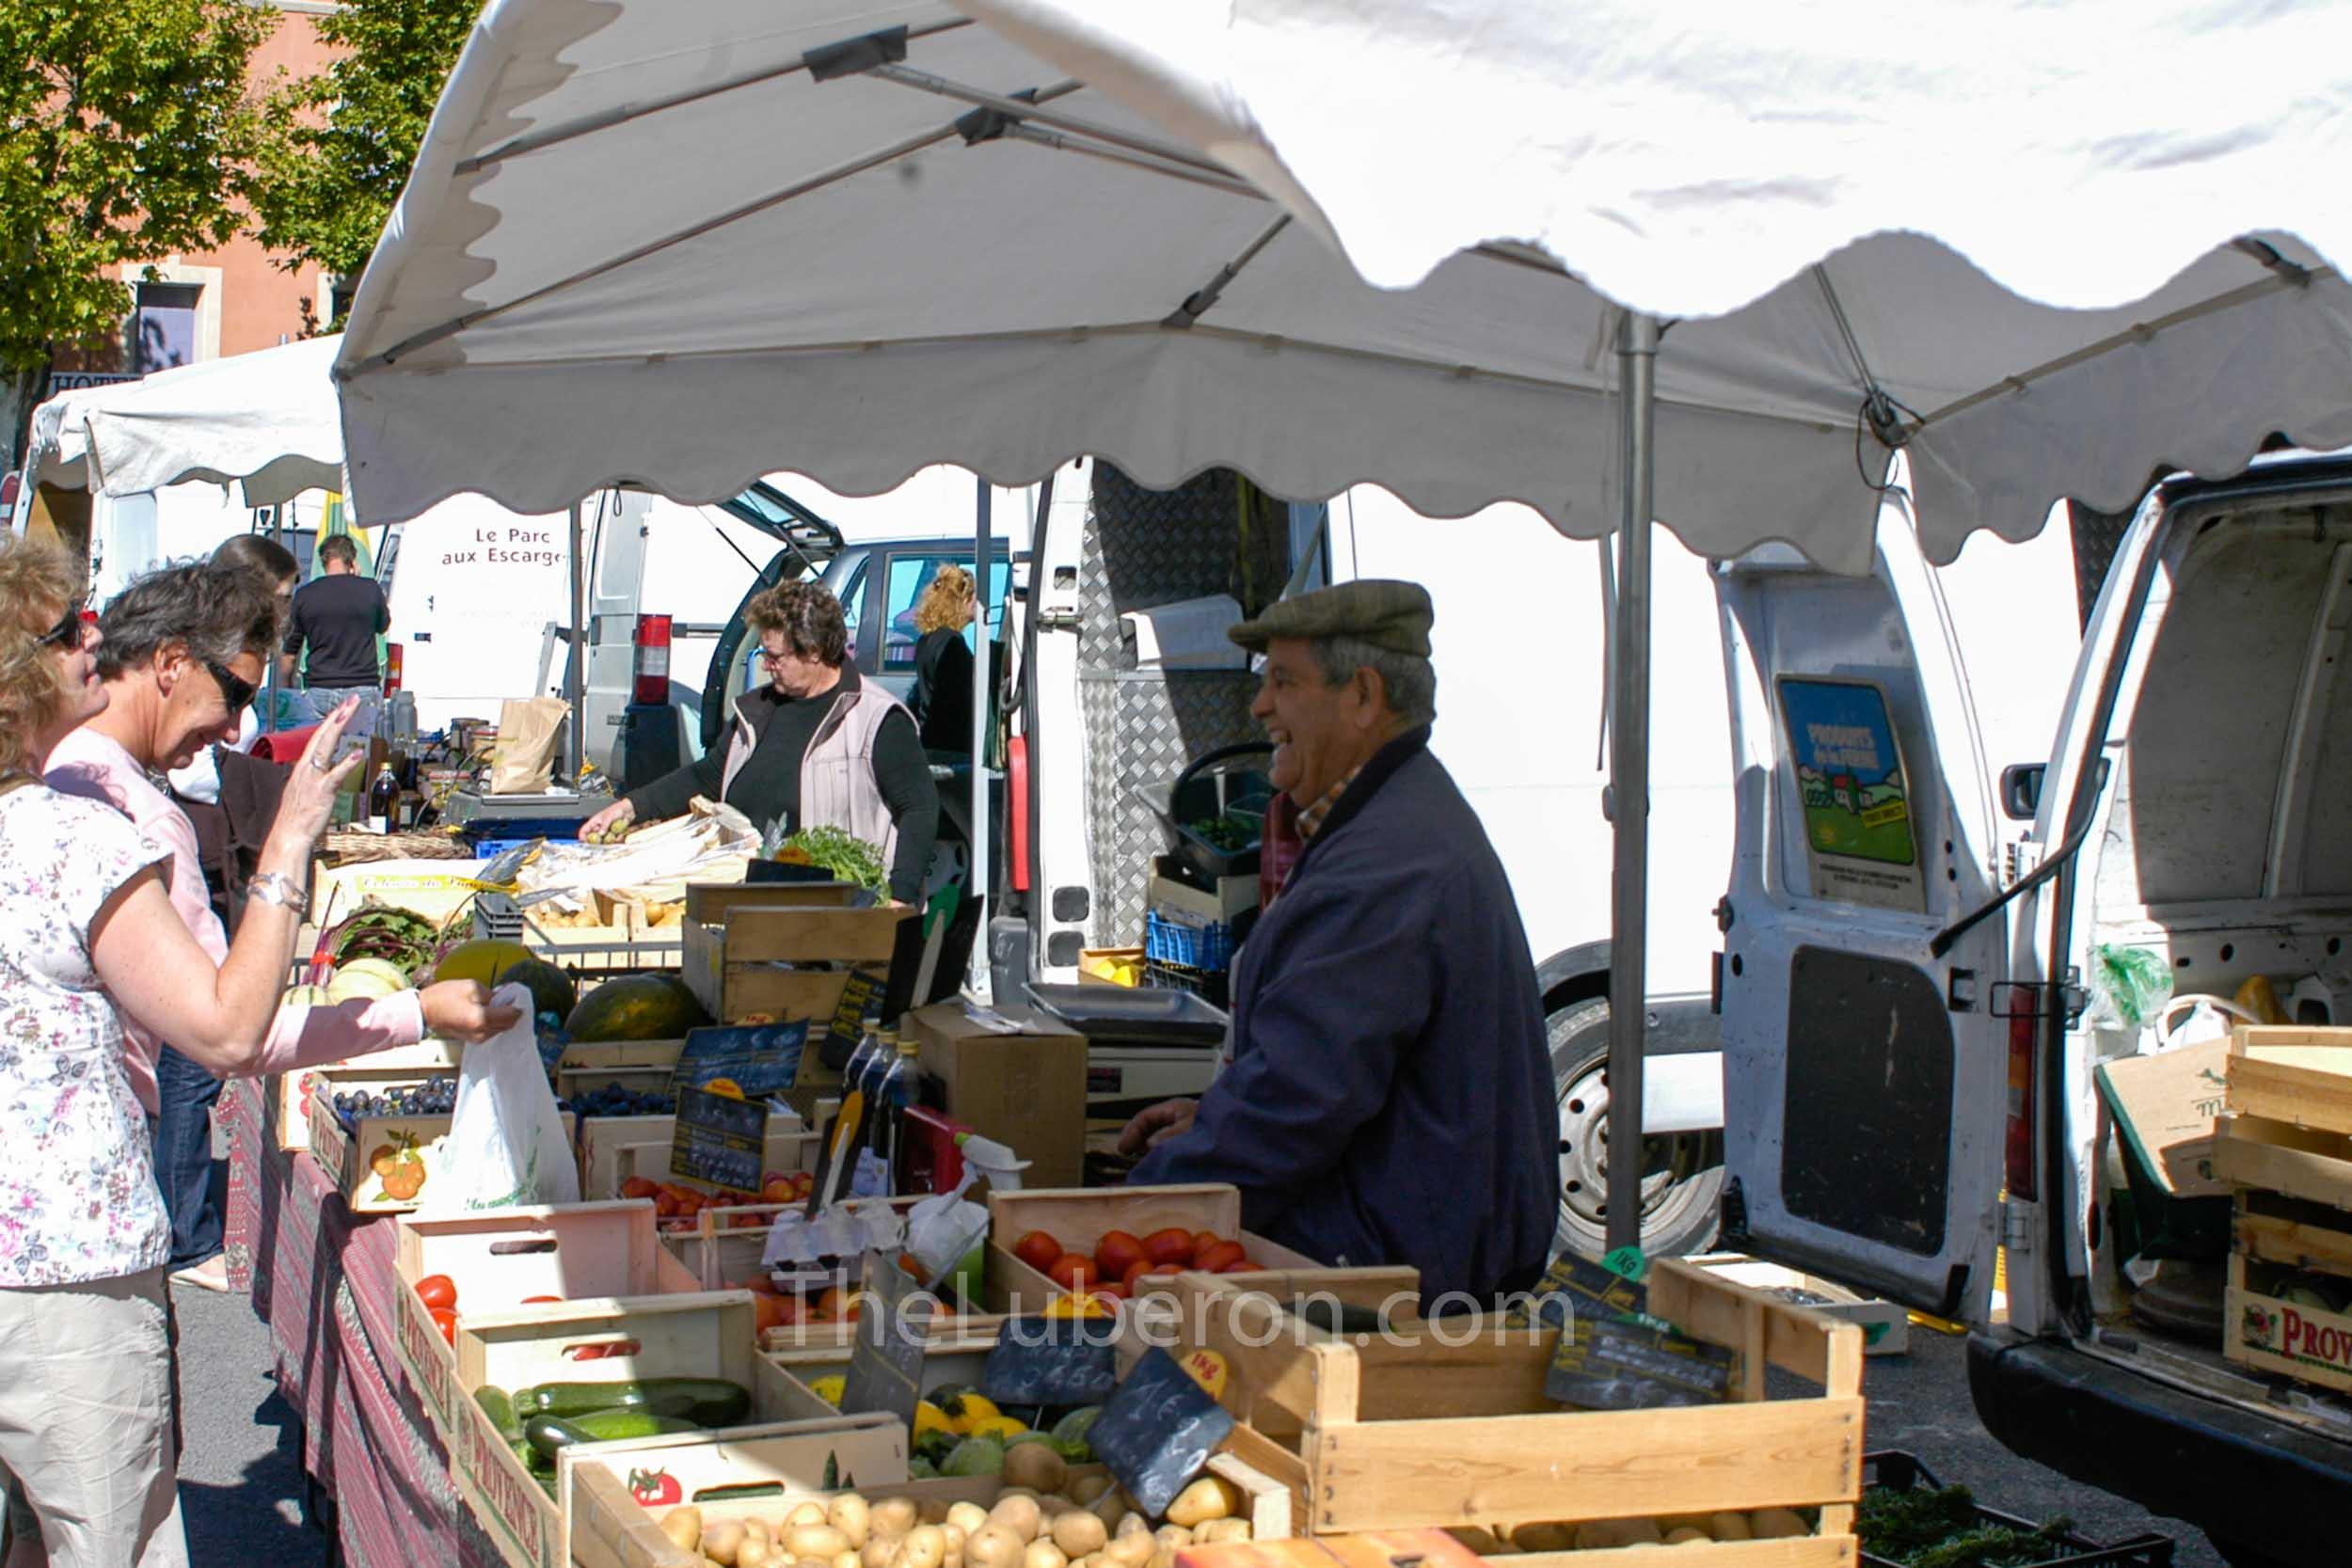 Stallholder at Apt market